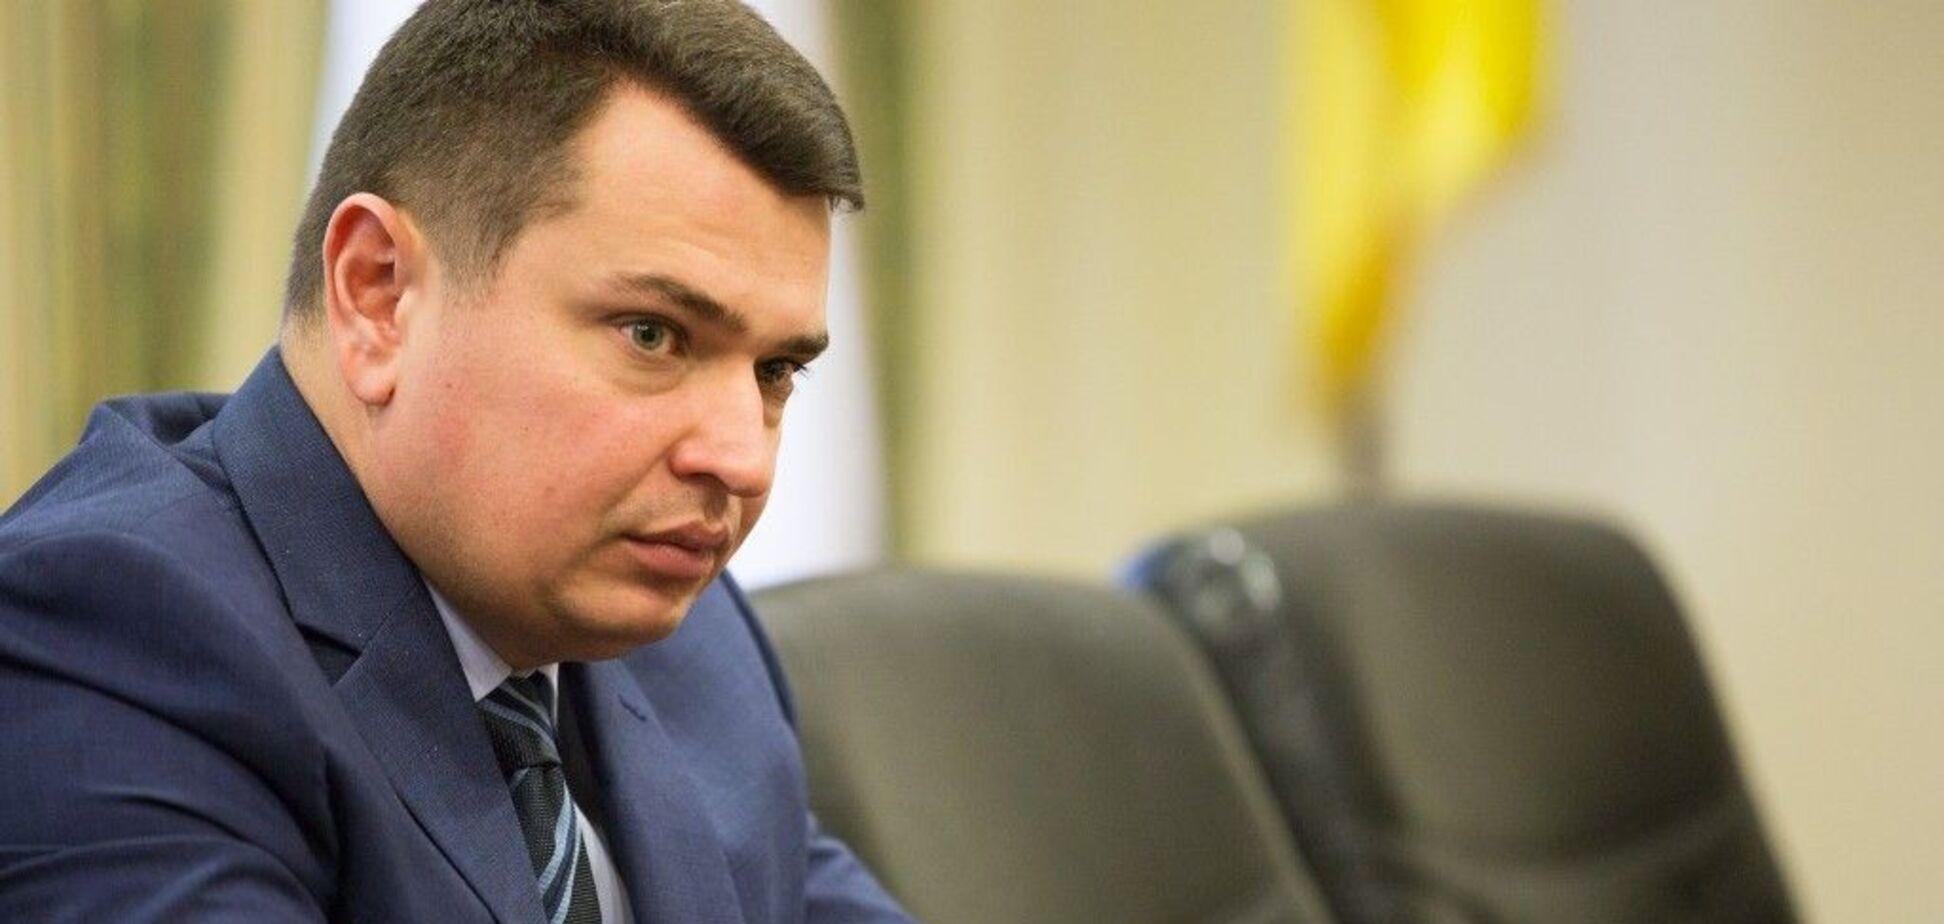 Украинцы требуют освободить Сытника с должности